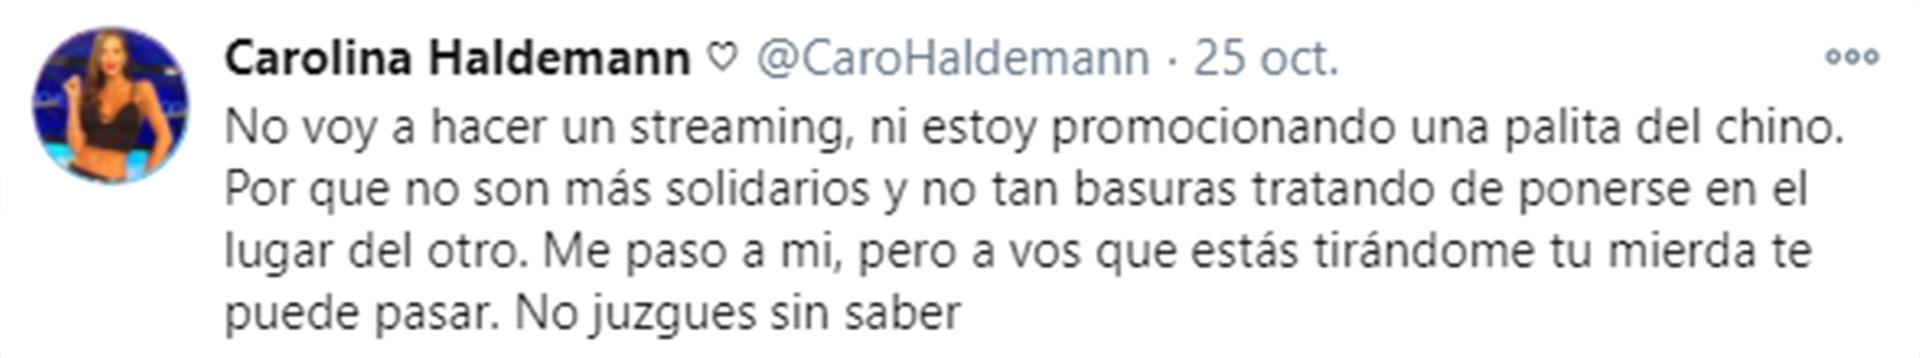 Los tuits de Carolina Haldemann